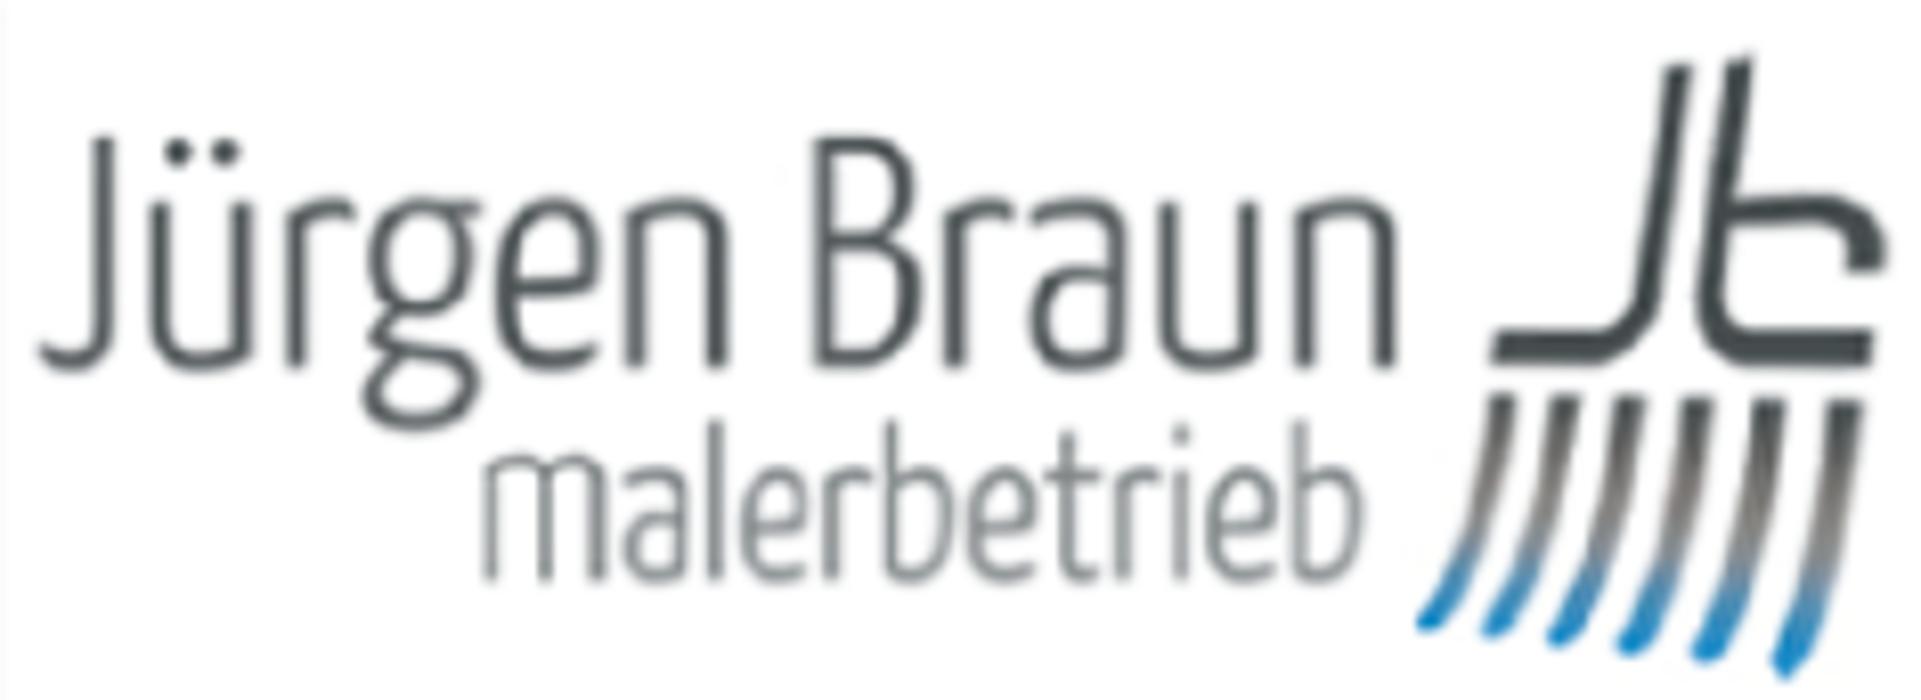 Bild zu Jürgen Braun Malerbetrieb in Landshut